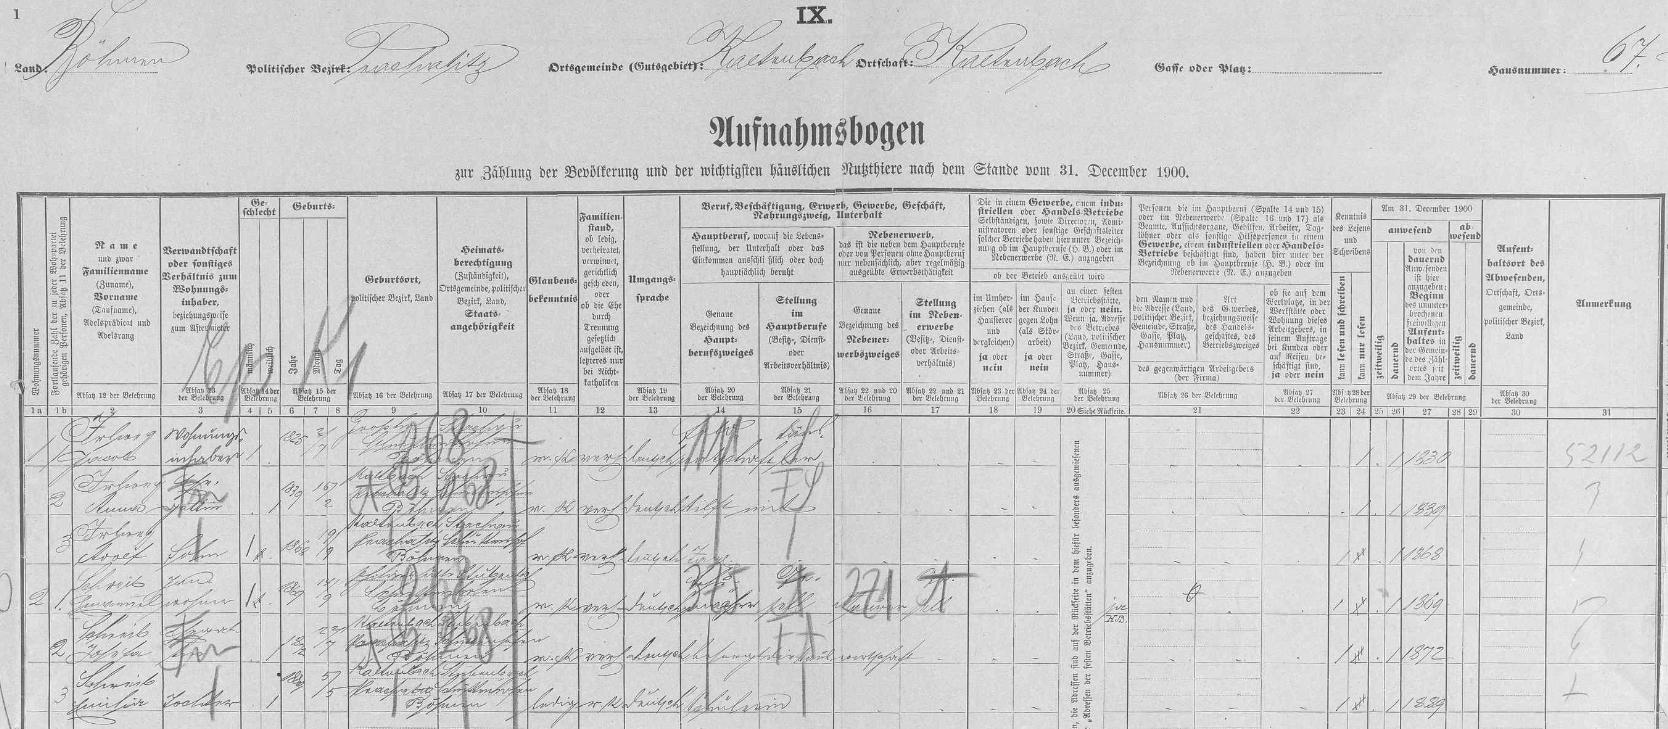 Arch sčítání lidu z roku 1900 pro stavení čp. 67 v Kaltenbachu zaznamenává manžele Irlwegovy se synem Adolfem arodinou podruha Schreiba